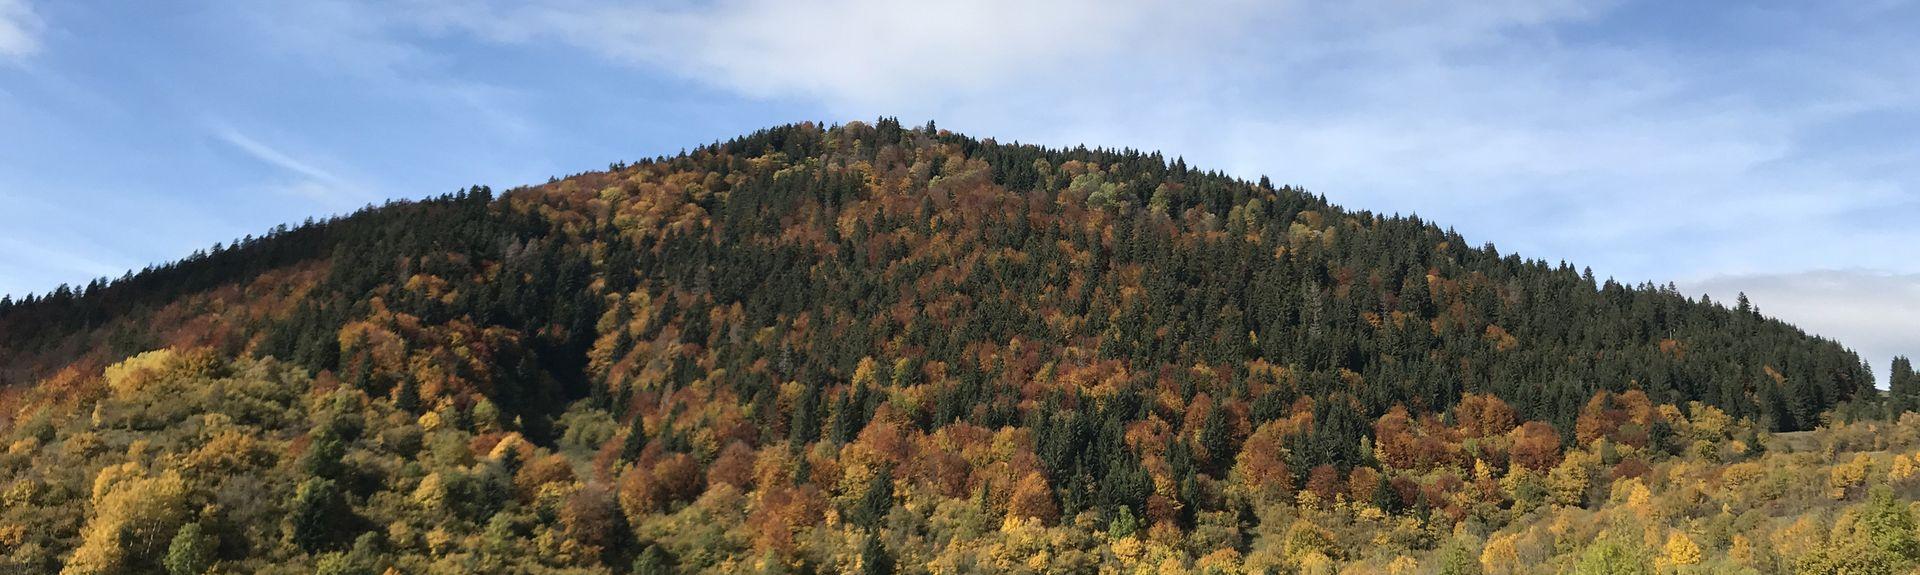 Kraj żyliński, Słowacja